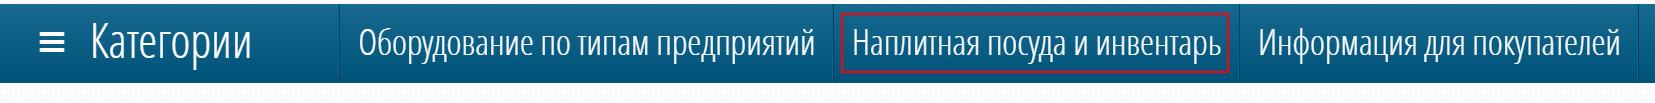 Ошибки в меню сайта